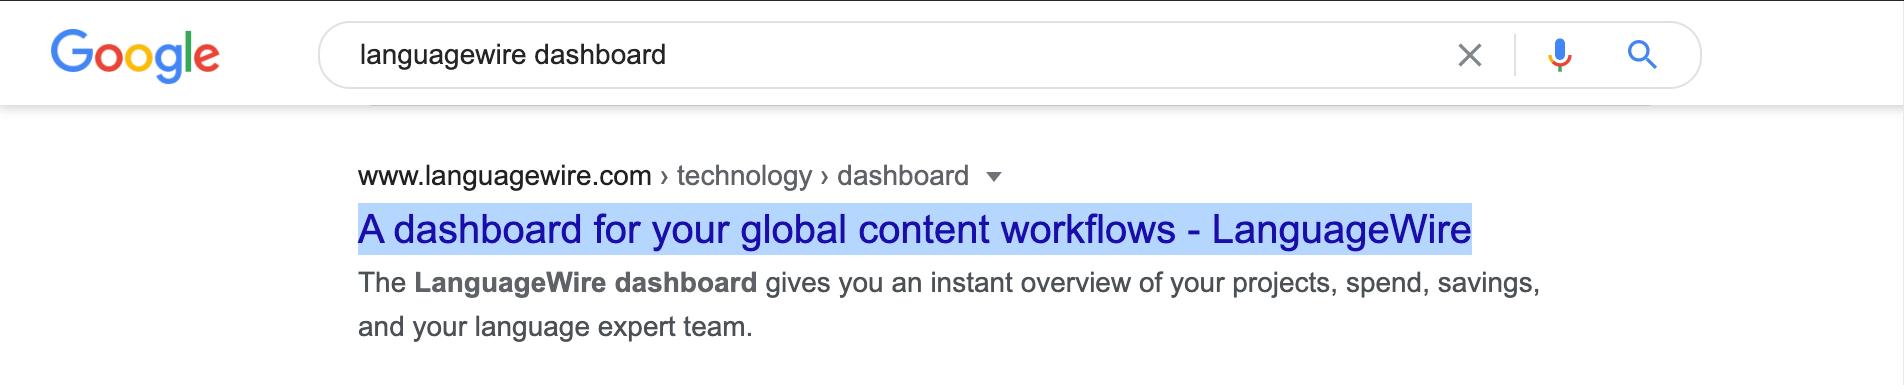 Voorbeeld van een metatitel op Google